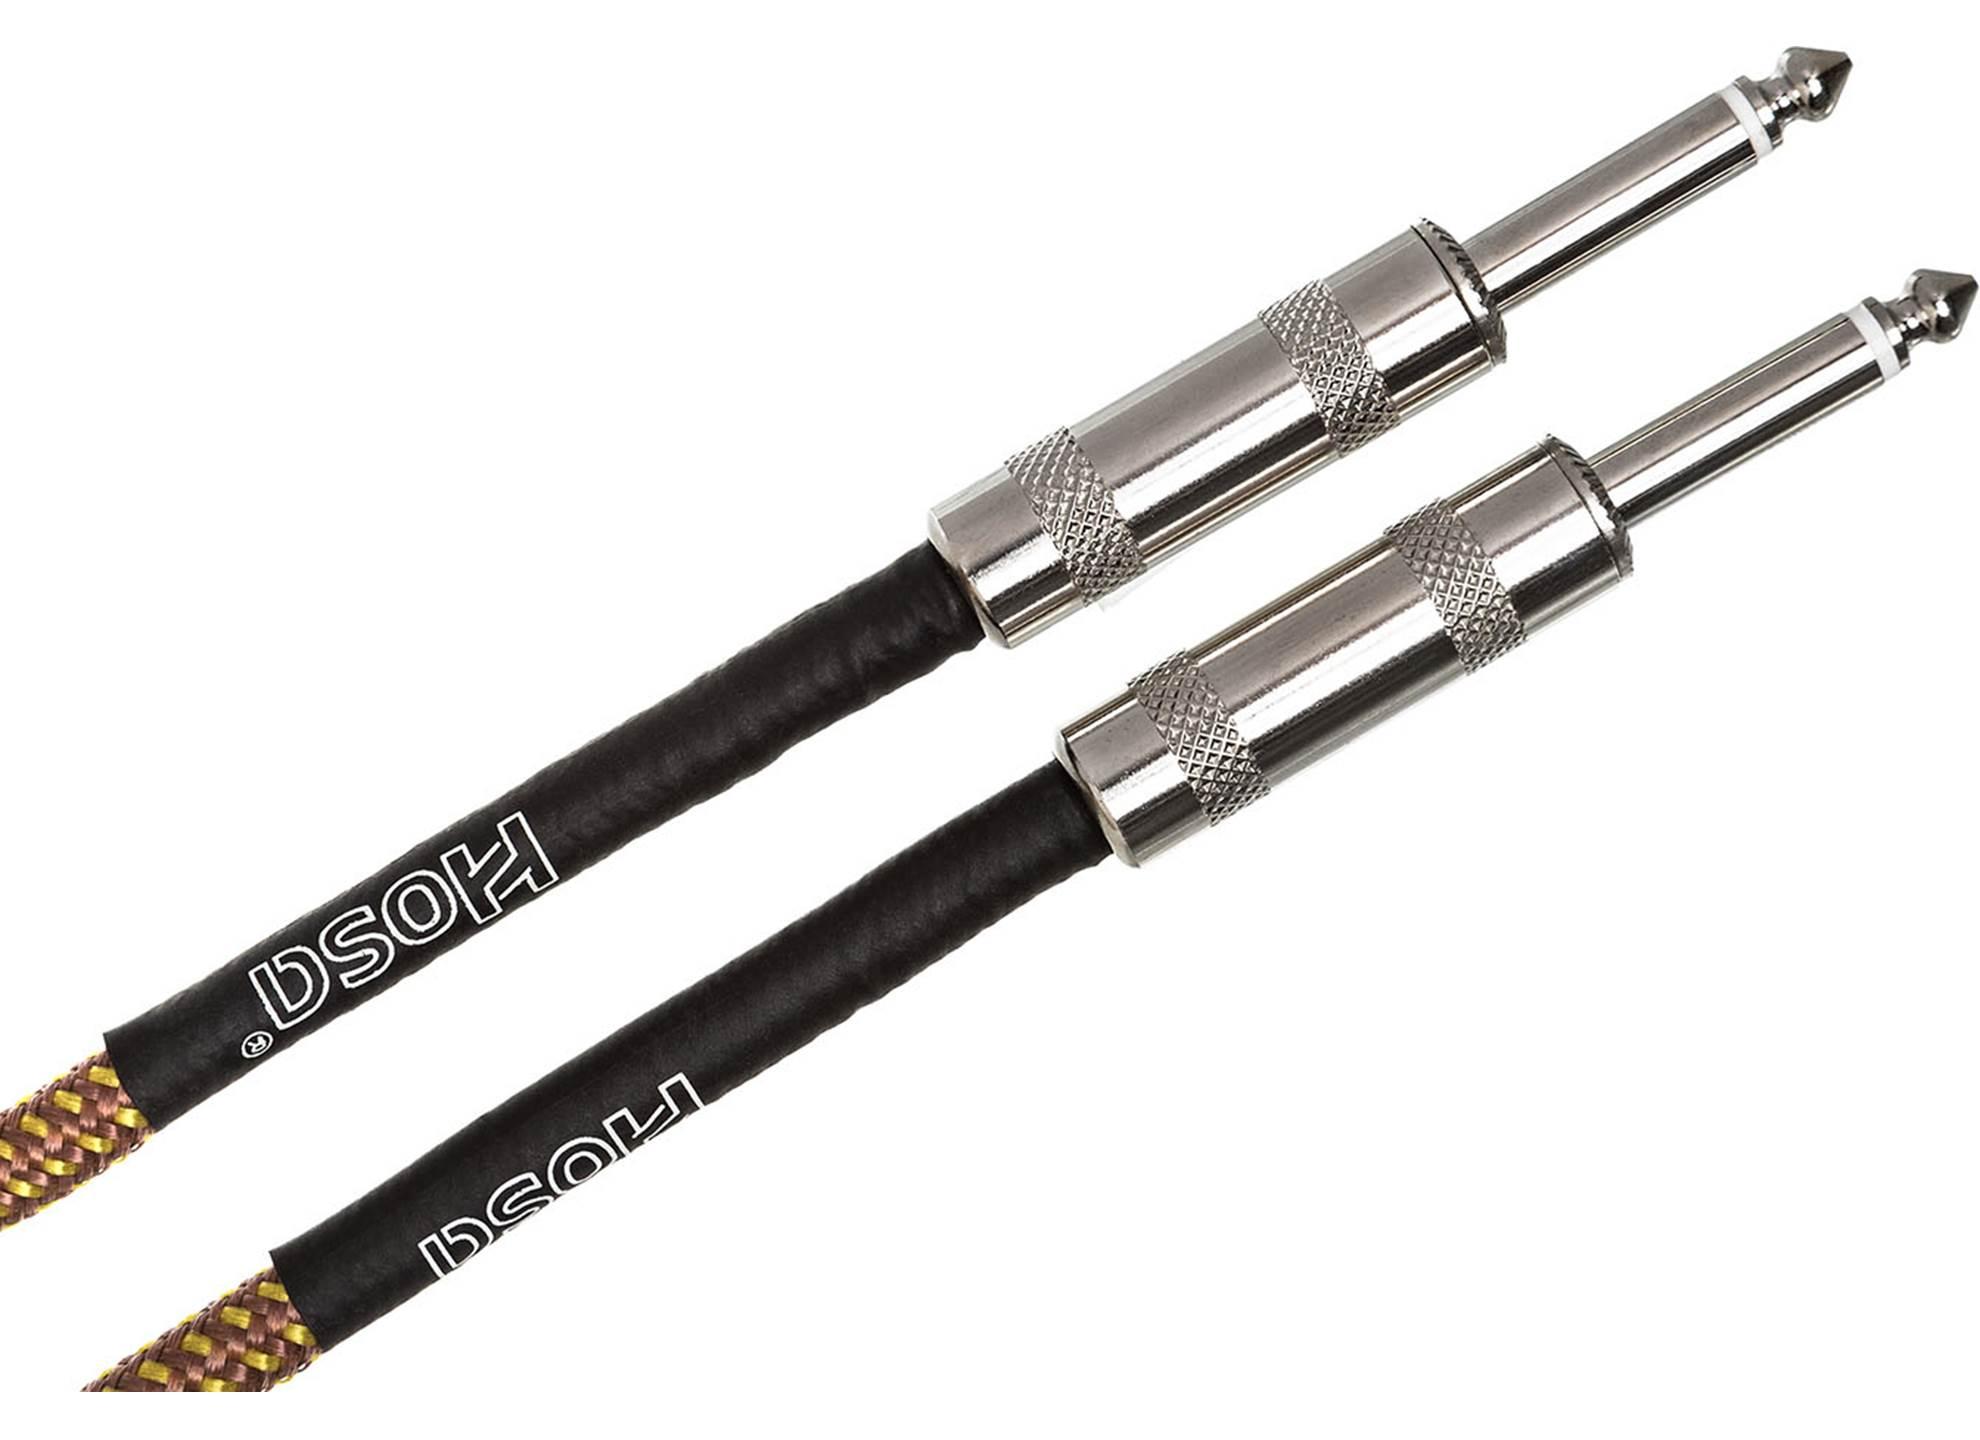 GTR-518 Gitarrkabel Tele - Tele Tweed 5,5m